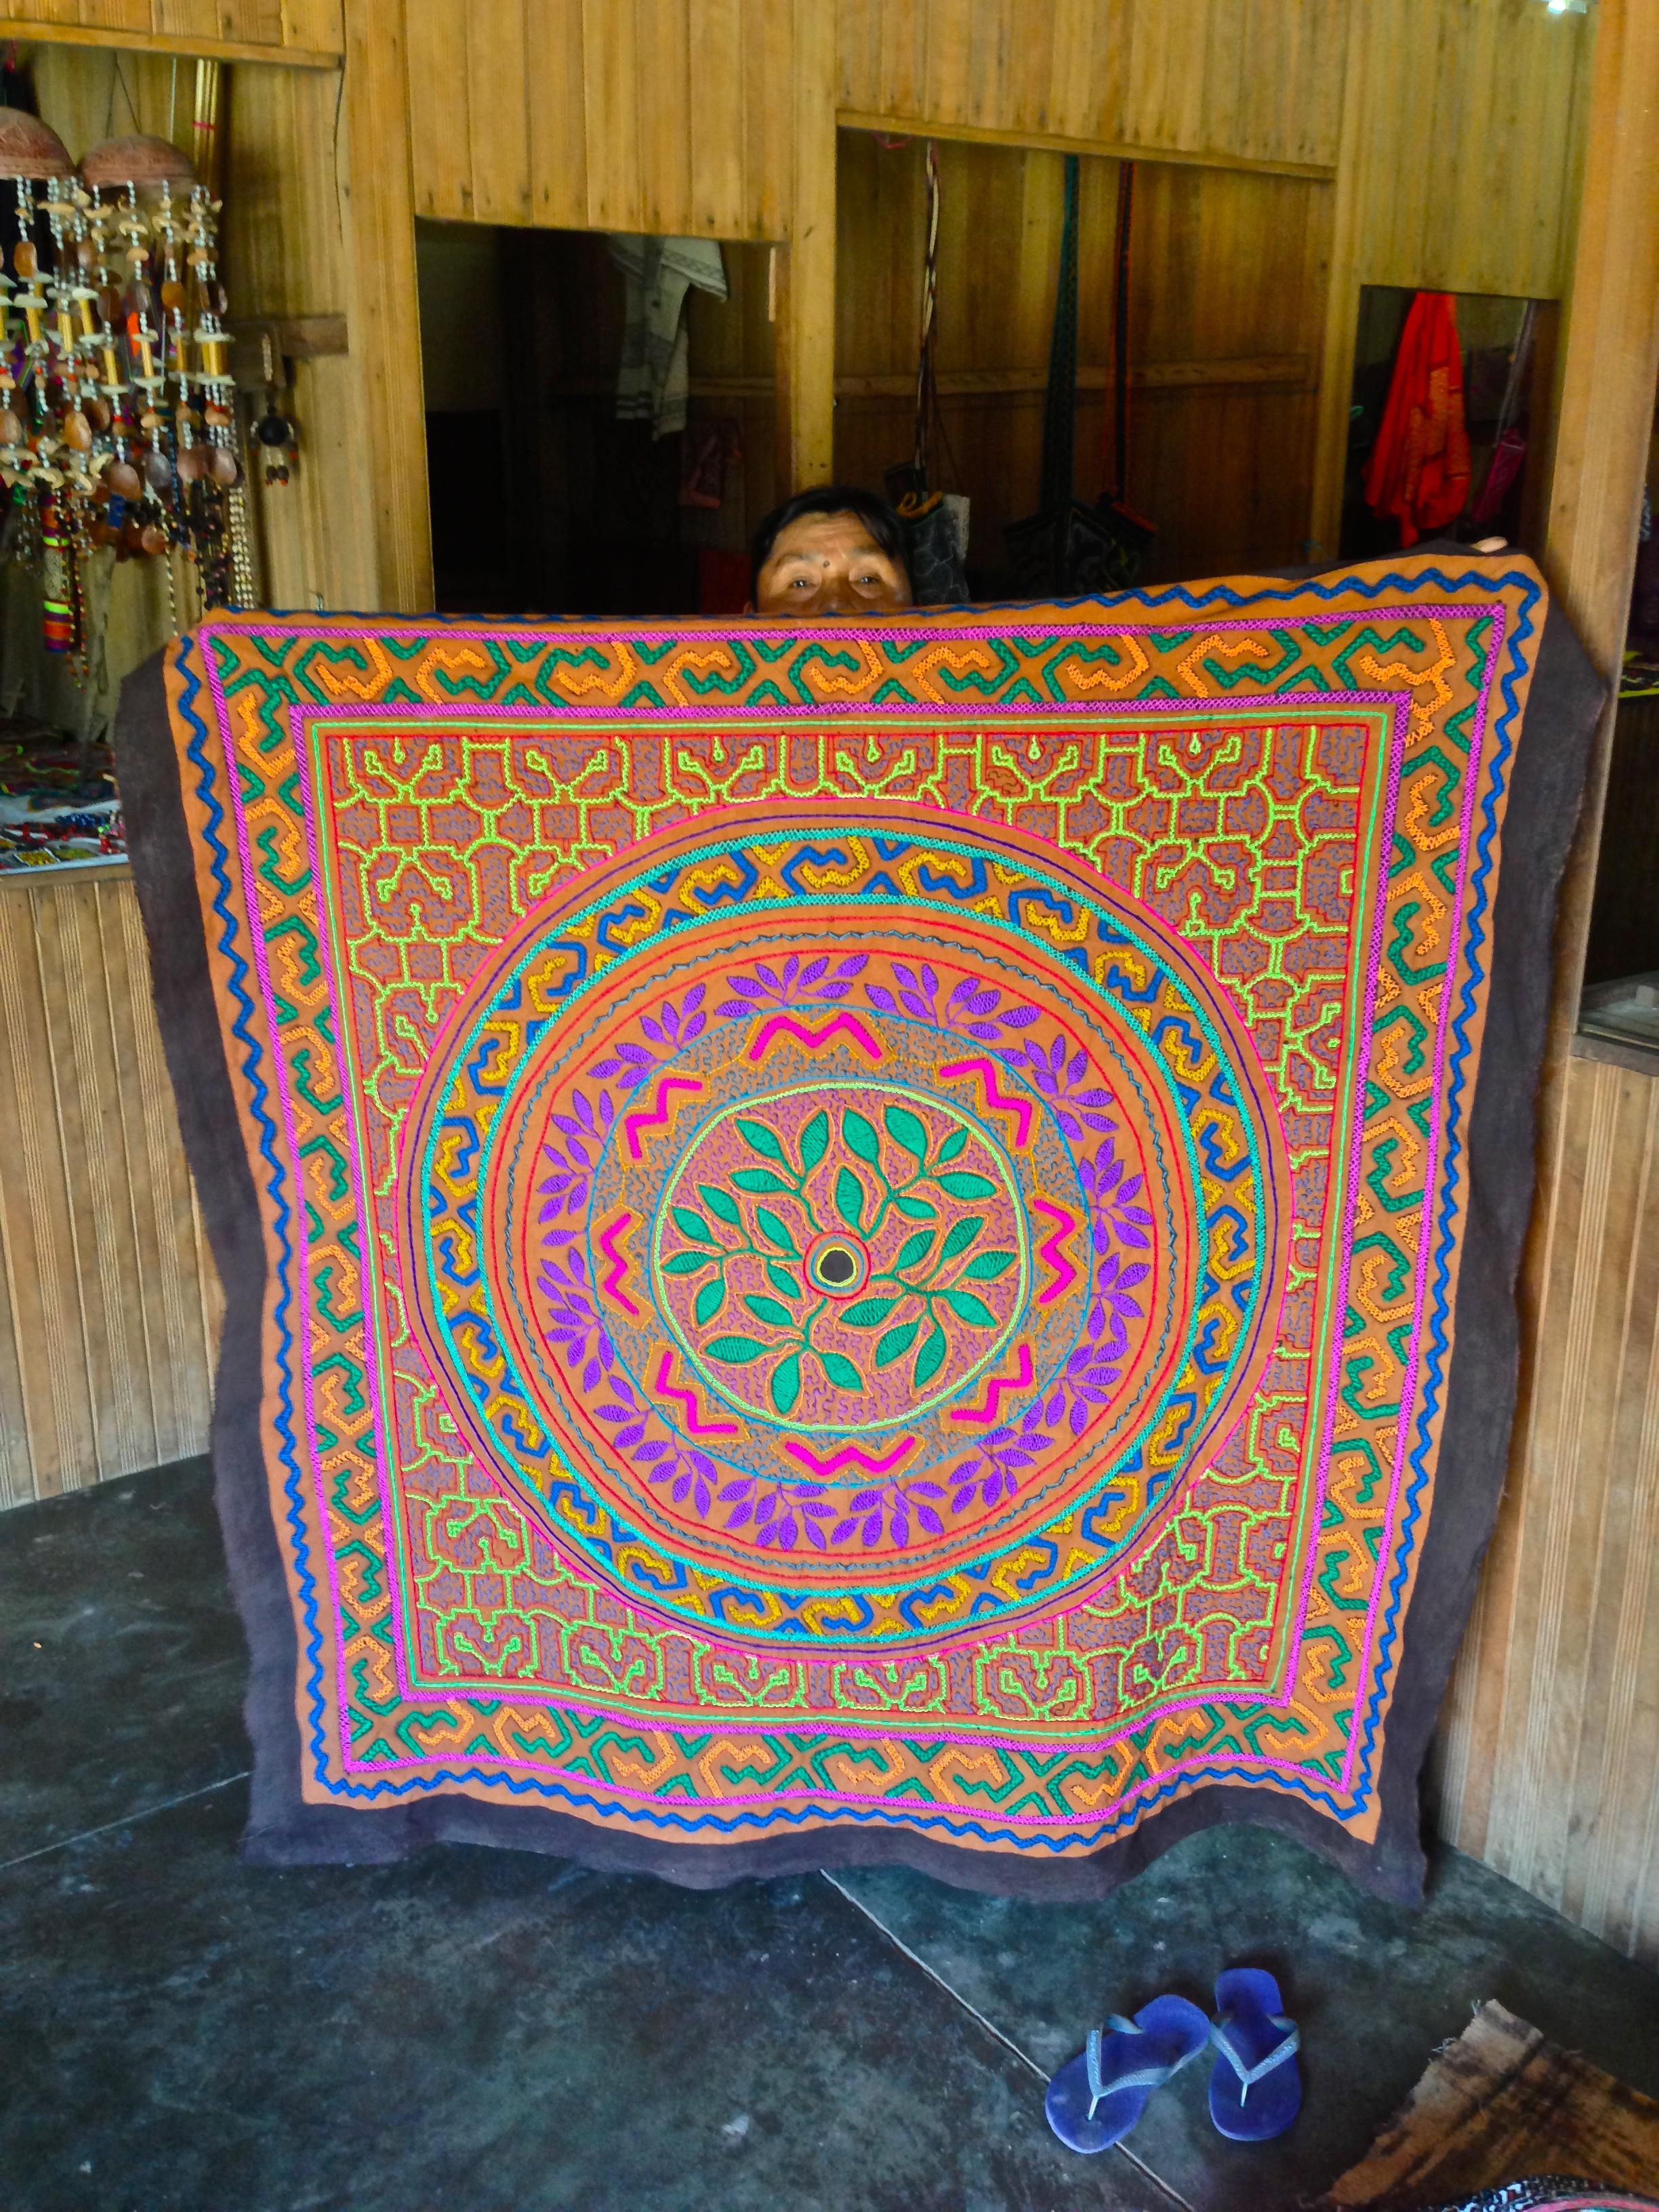 Shipibo artist displaying her work in Pucallpa, Peru